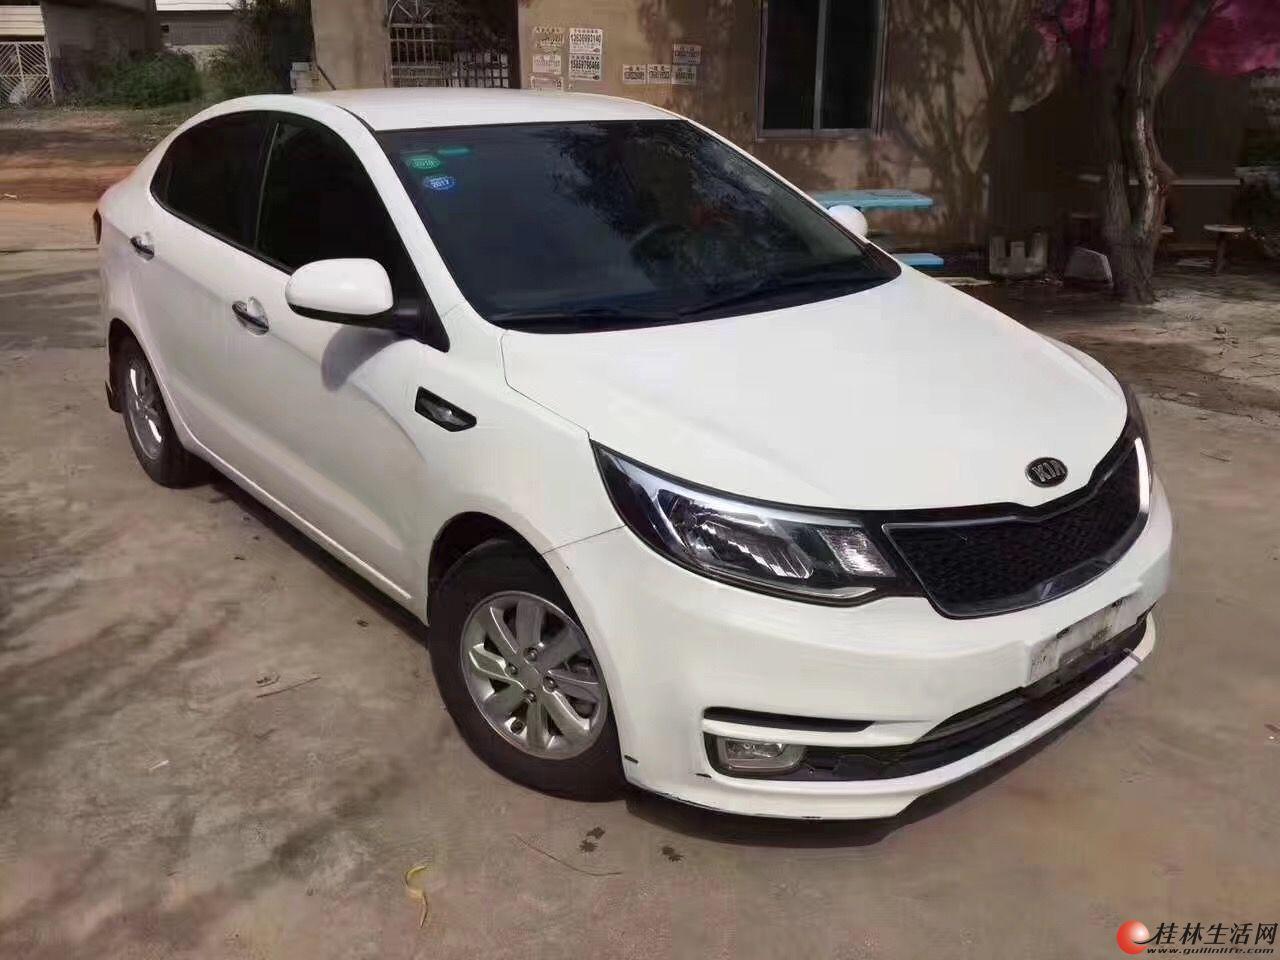 桂林赢时通租车,全新轿车只需100元/天